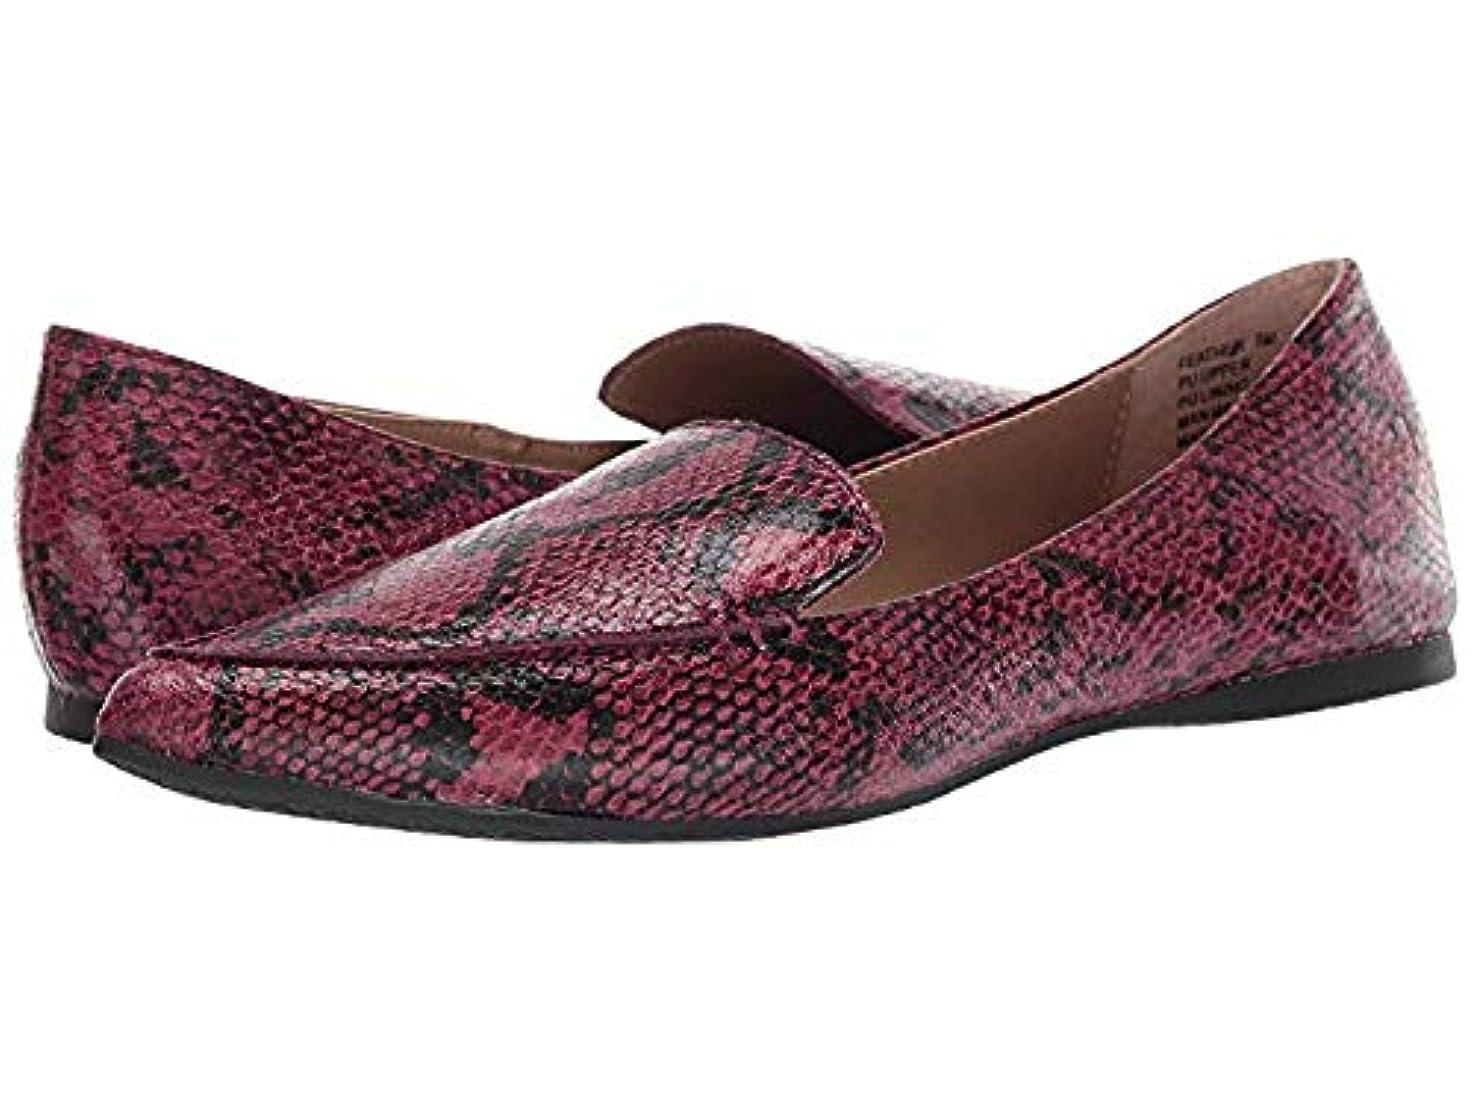 合計検査不規則なレディースローファー?靴 Feather Red Snake (22.5cm) M [並行輸入品]